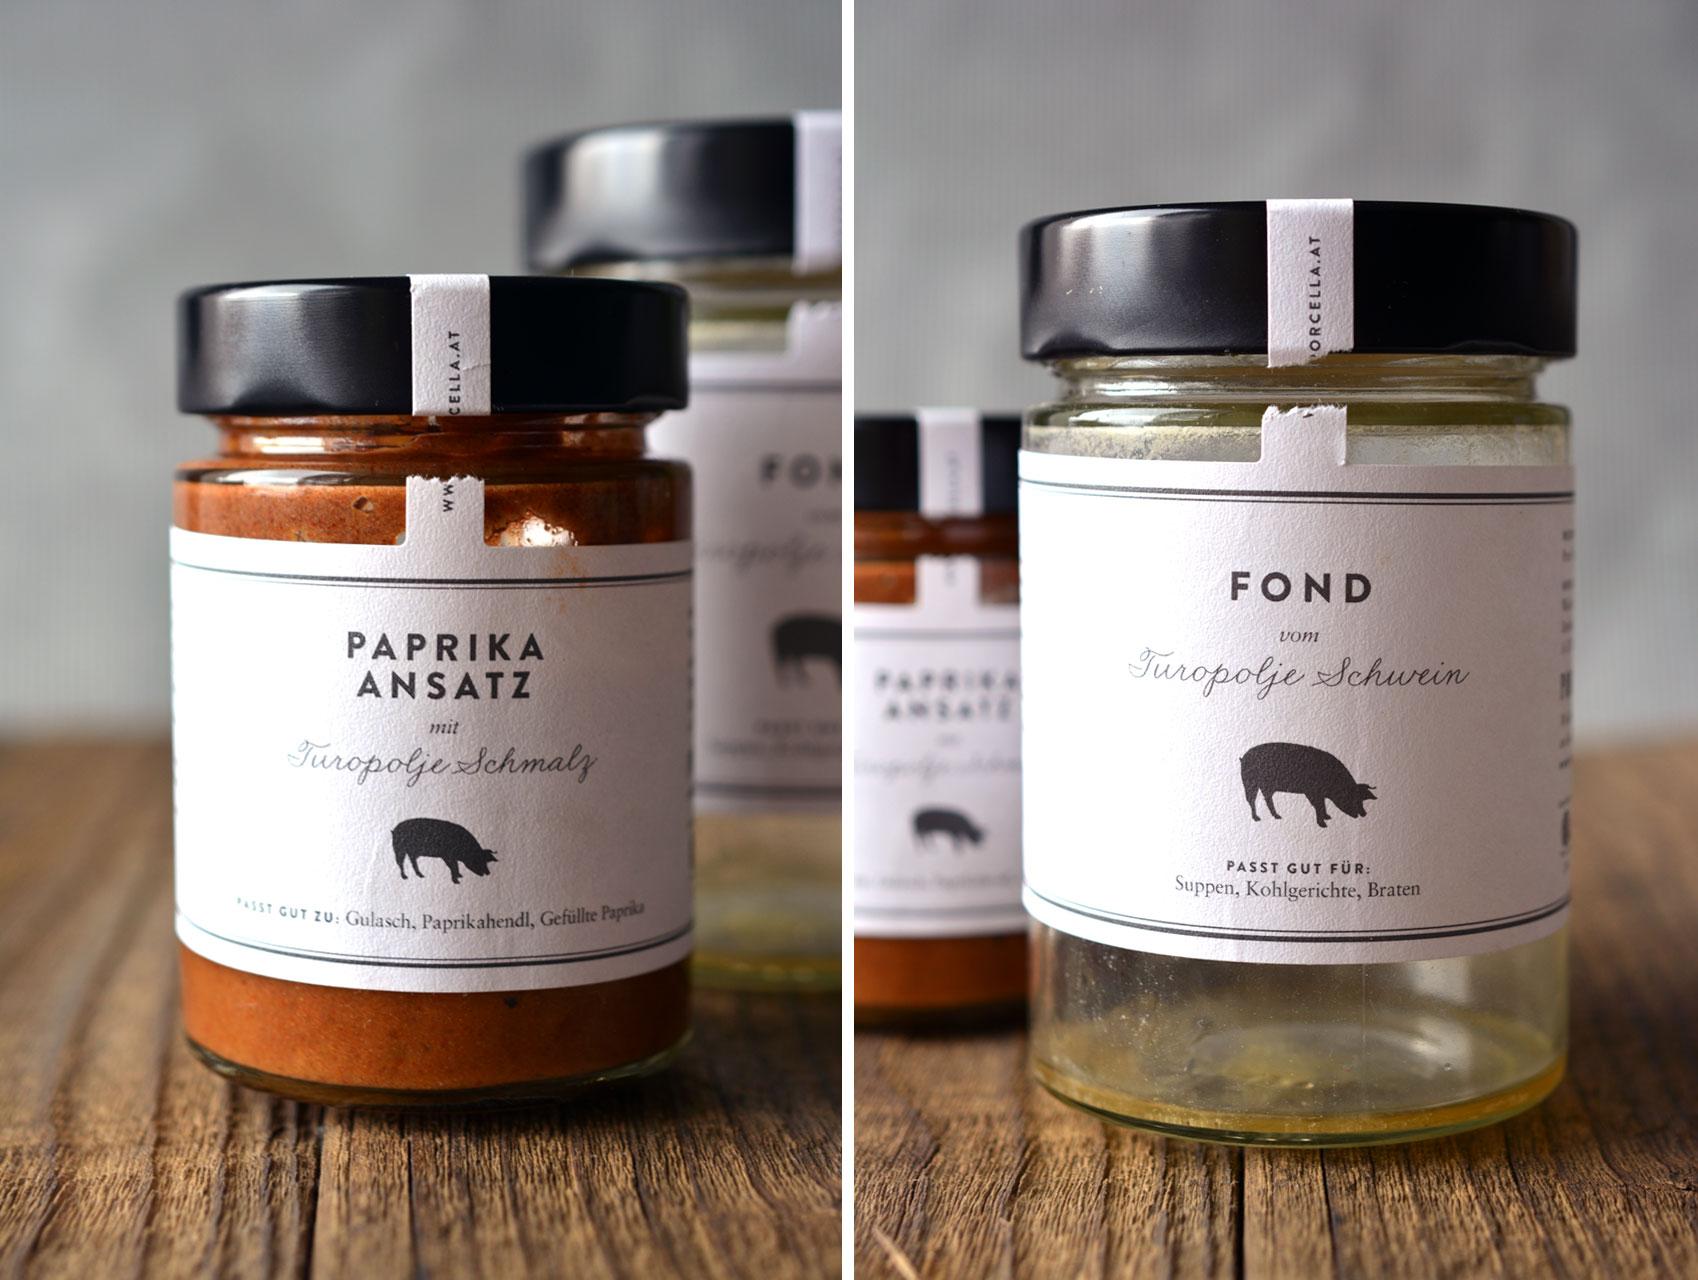 Porcella Paprika Ansatz und Fond vom Turopolje Schwein